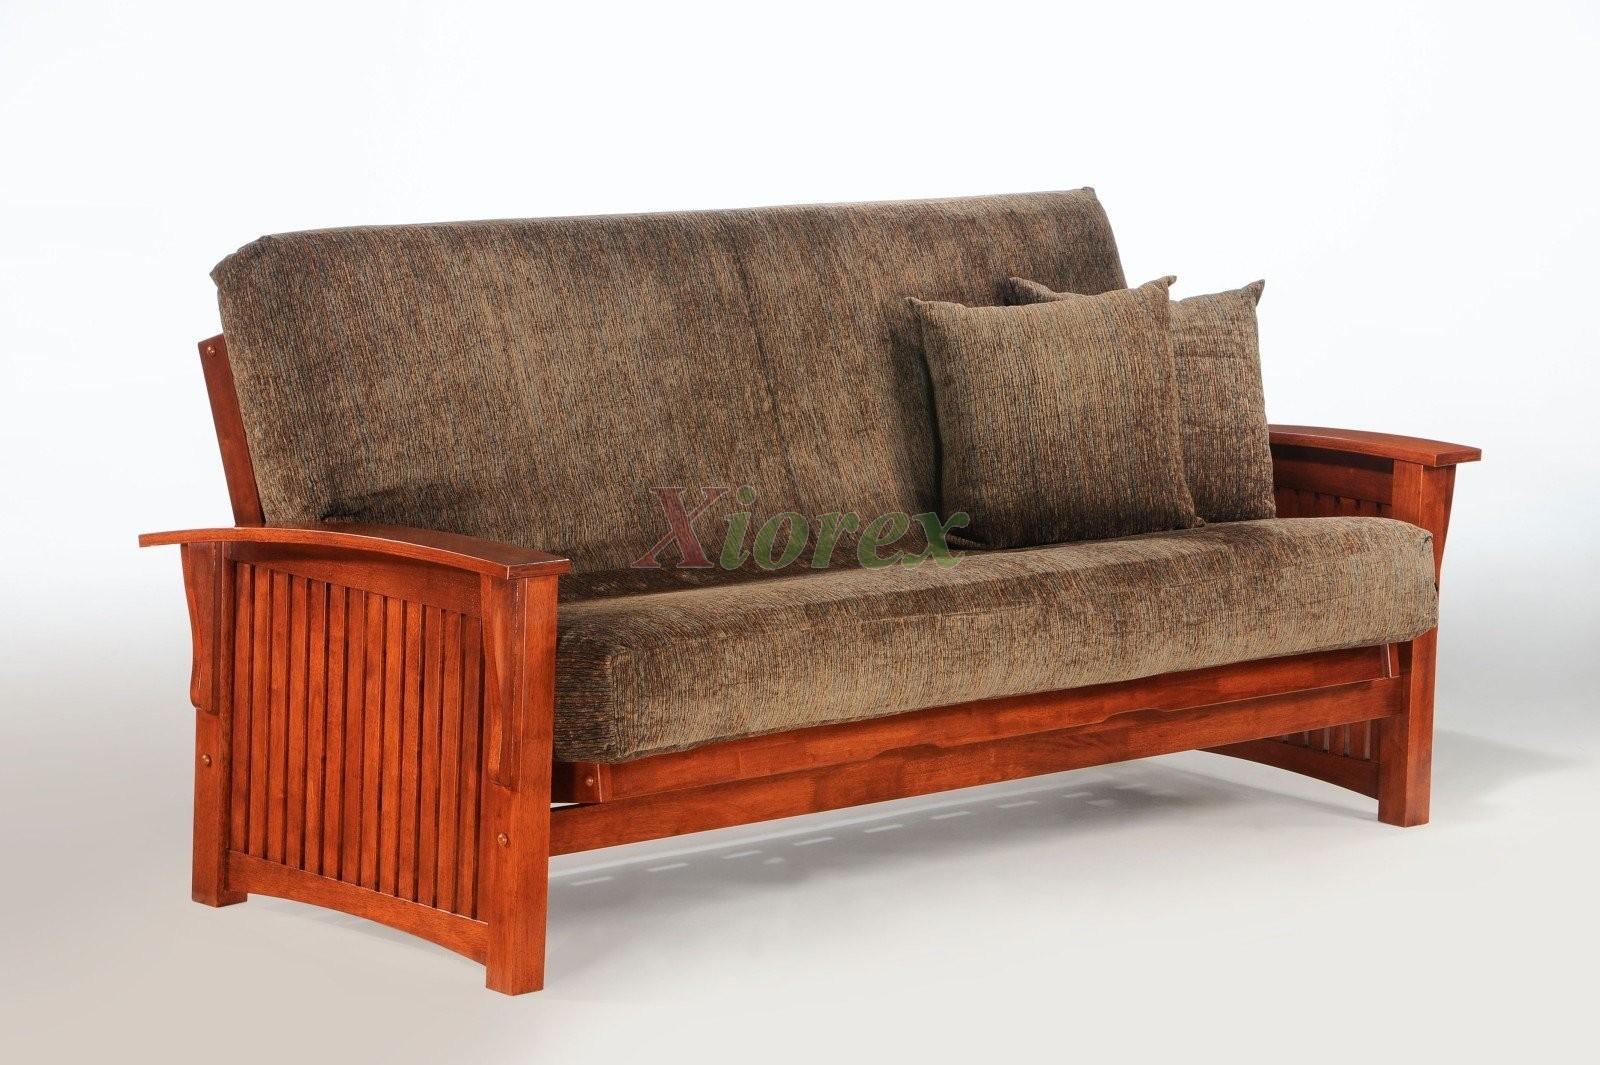 Winter Futon Cherry Chair Twin Lounger Loveseat Full Queen N D